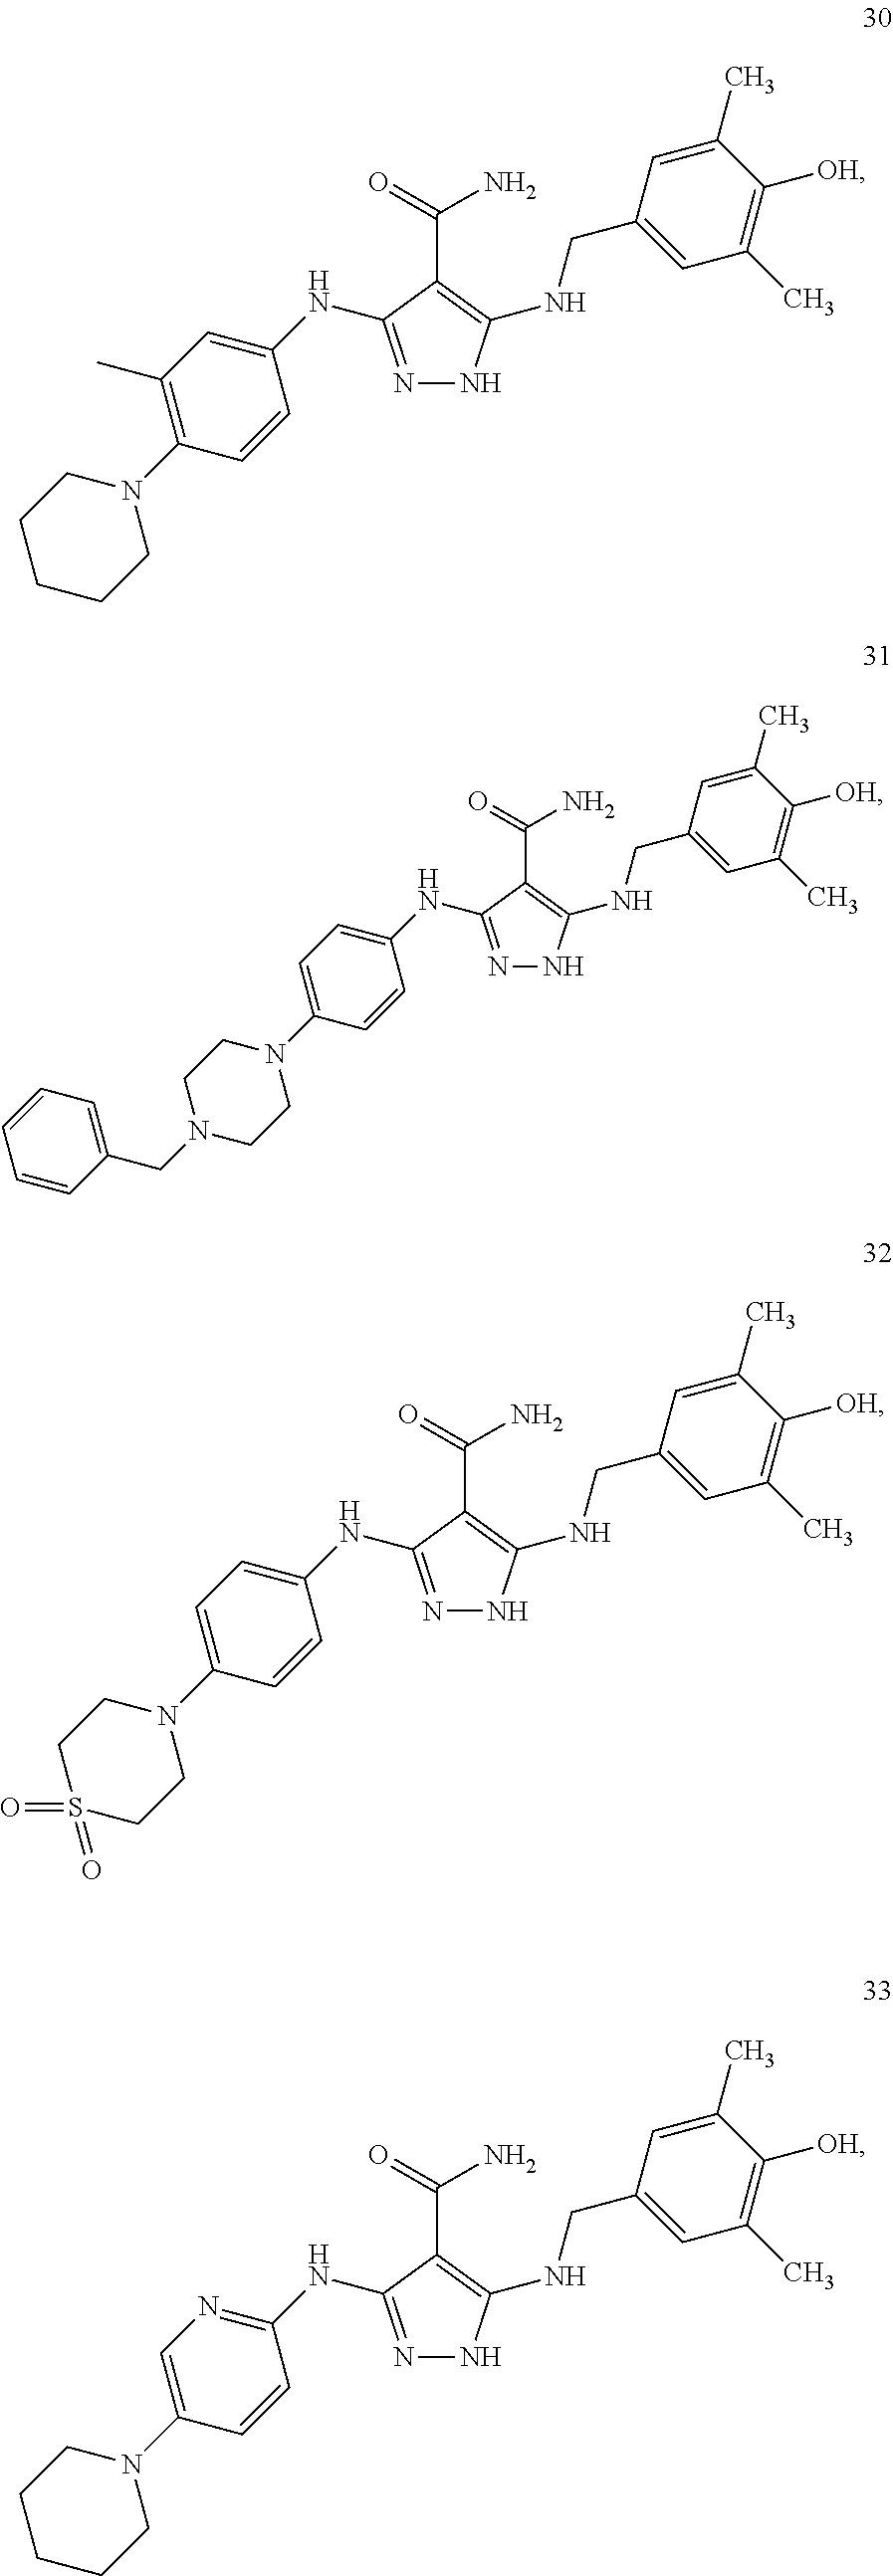 Figure US09730914-20170815-C00022